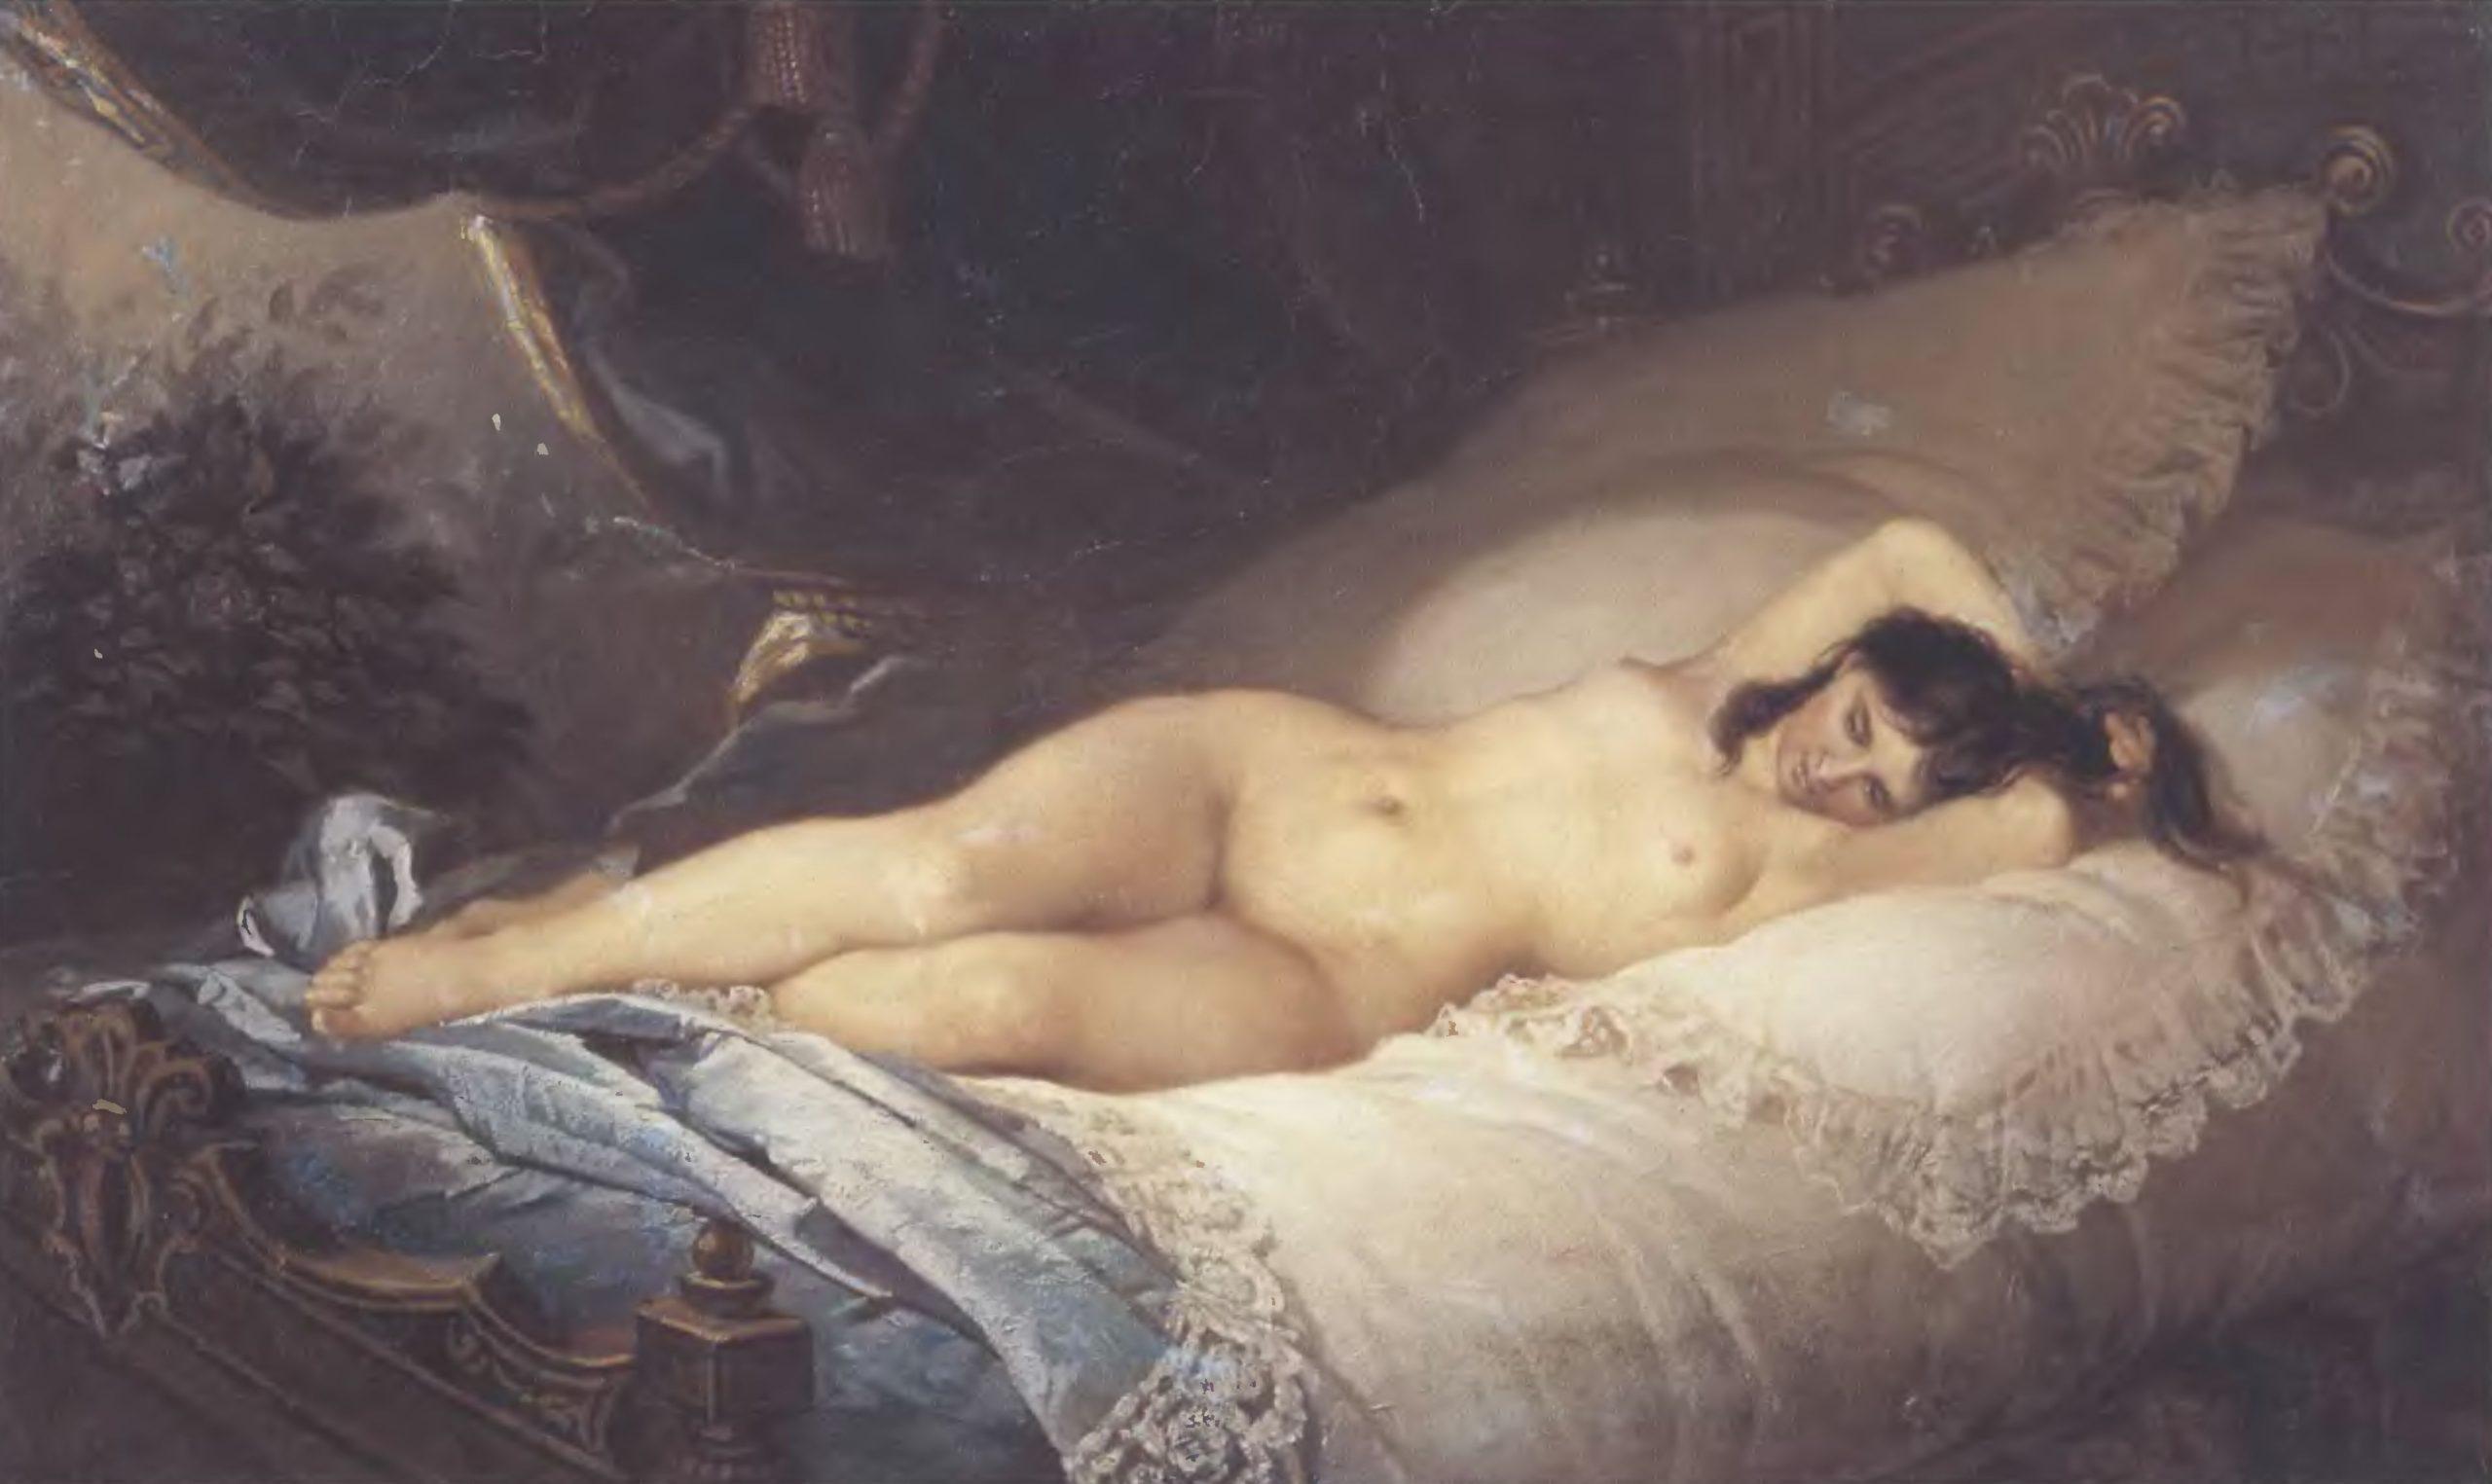 ФИРС ЖУРАВЛЕВ. Нагая женщина. Холст, масло. 71,5 х 117 см. Государственная Третьяковская галерея